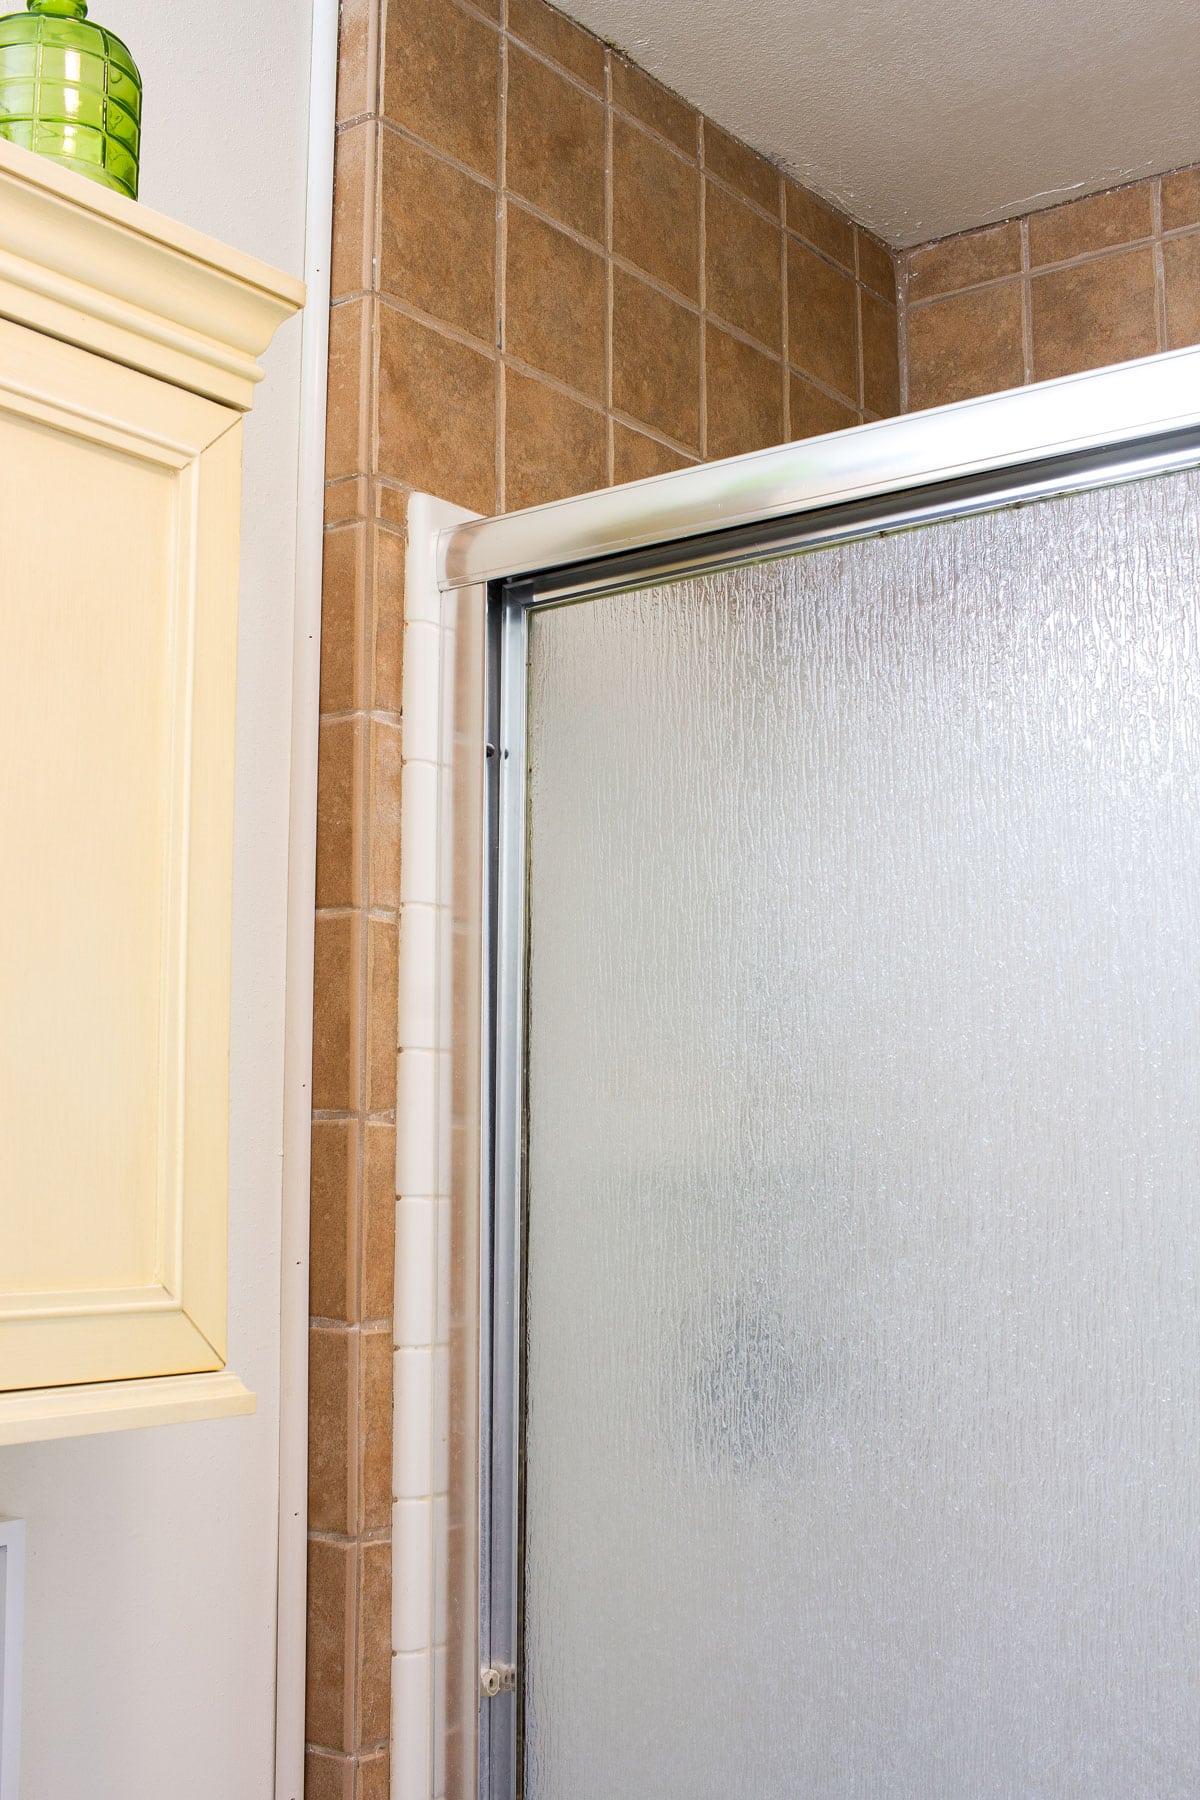 old beige tile shower surround and ugly shower door